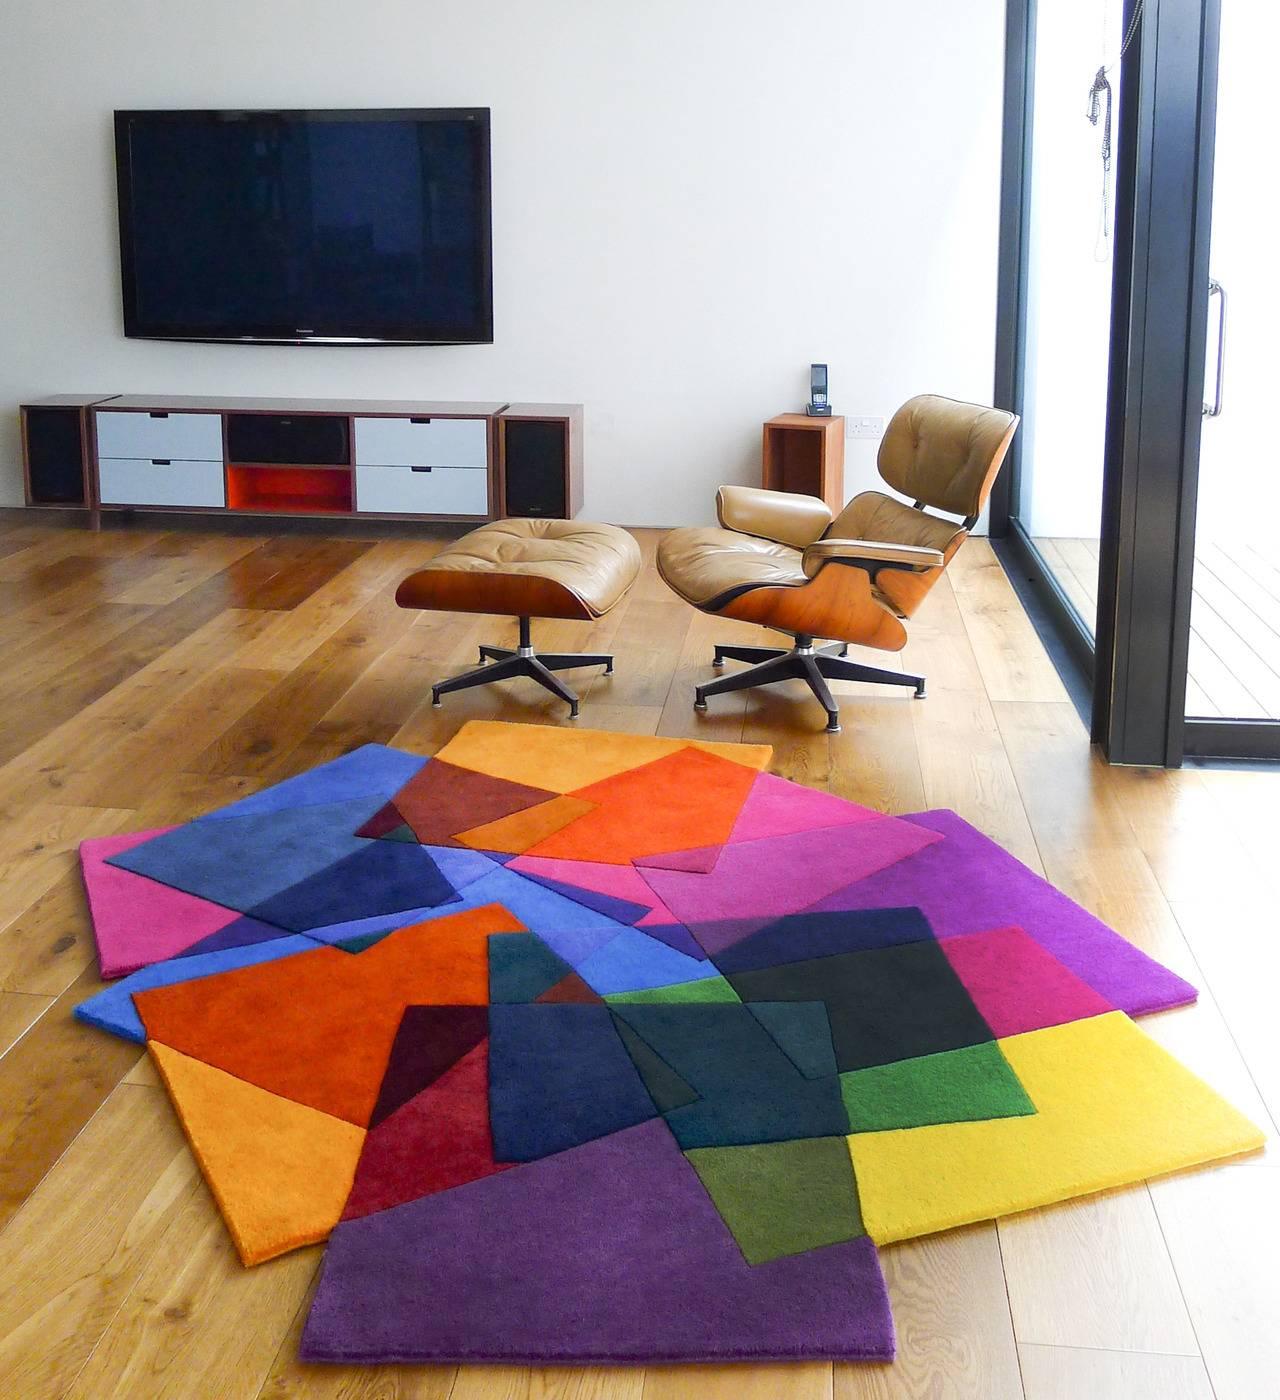 Длинноворсовые ковры — больше уюта и больше тепла! (23 фото)